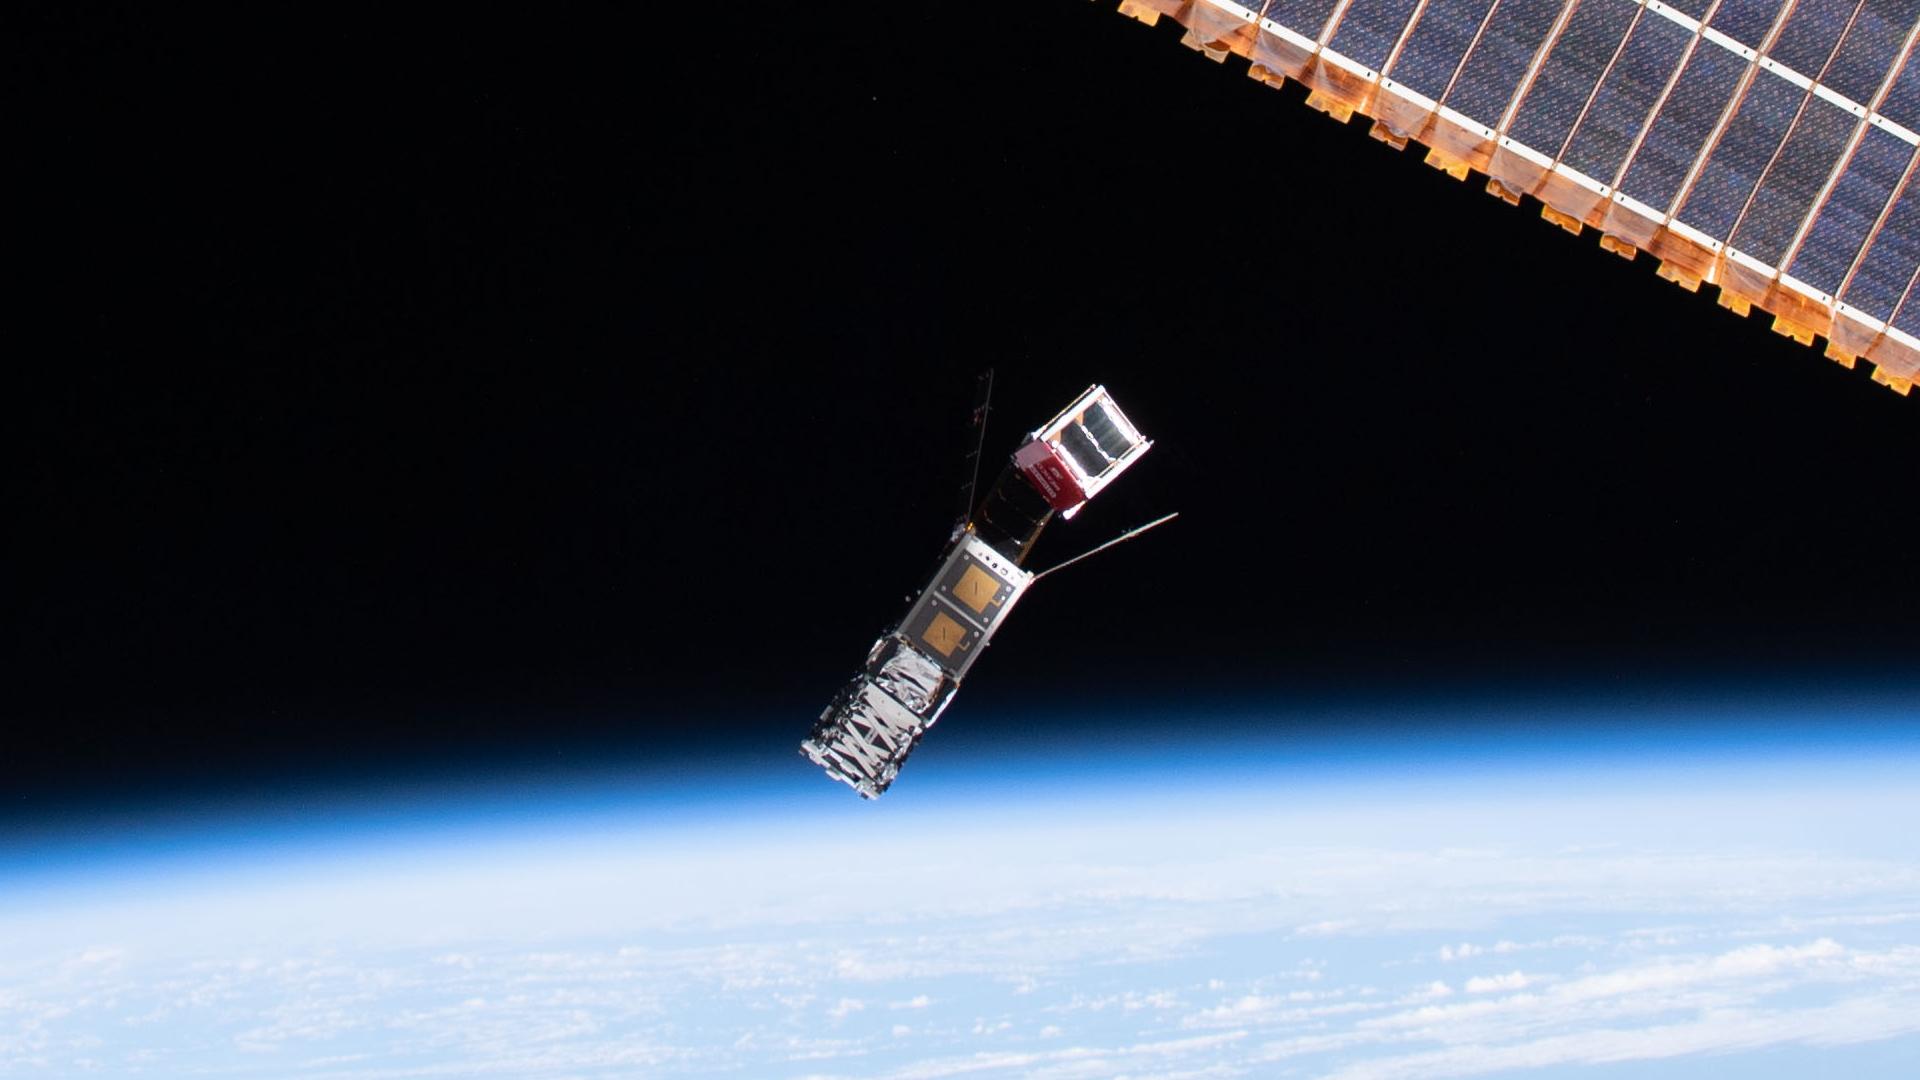 Nanosatélite AztechSat-1 NASA AEM México 2